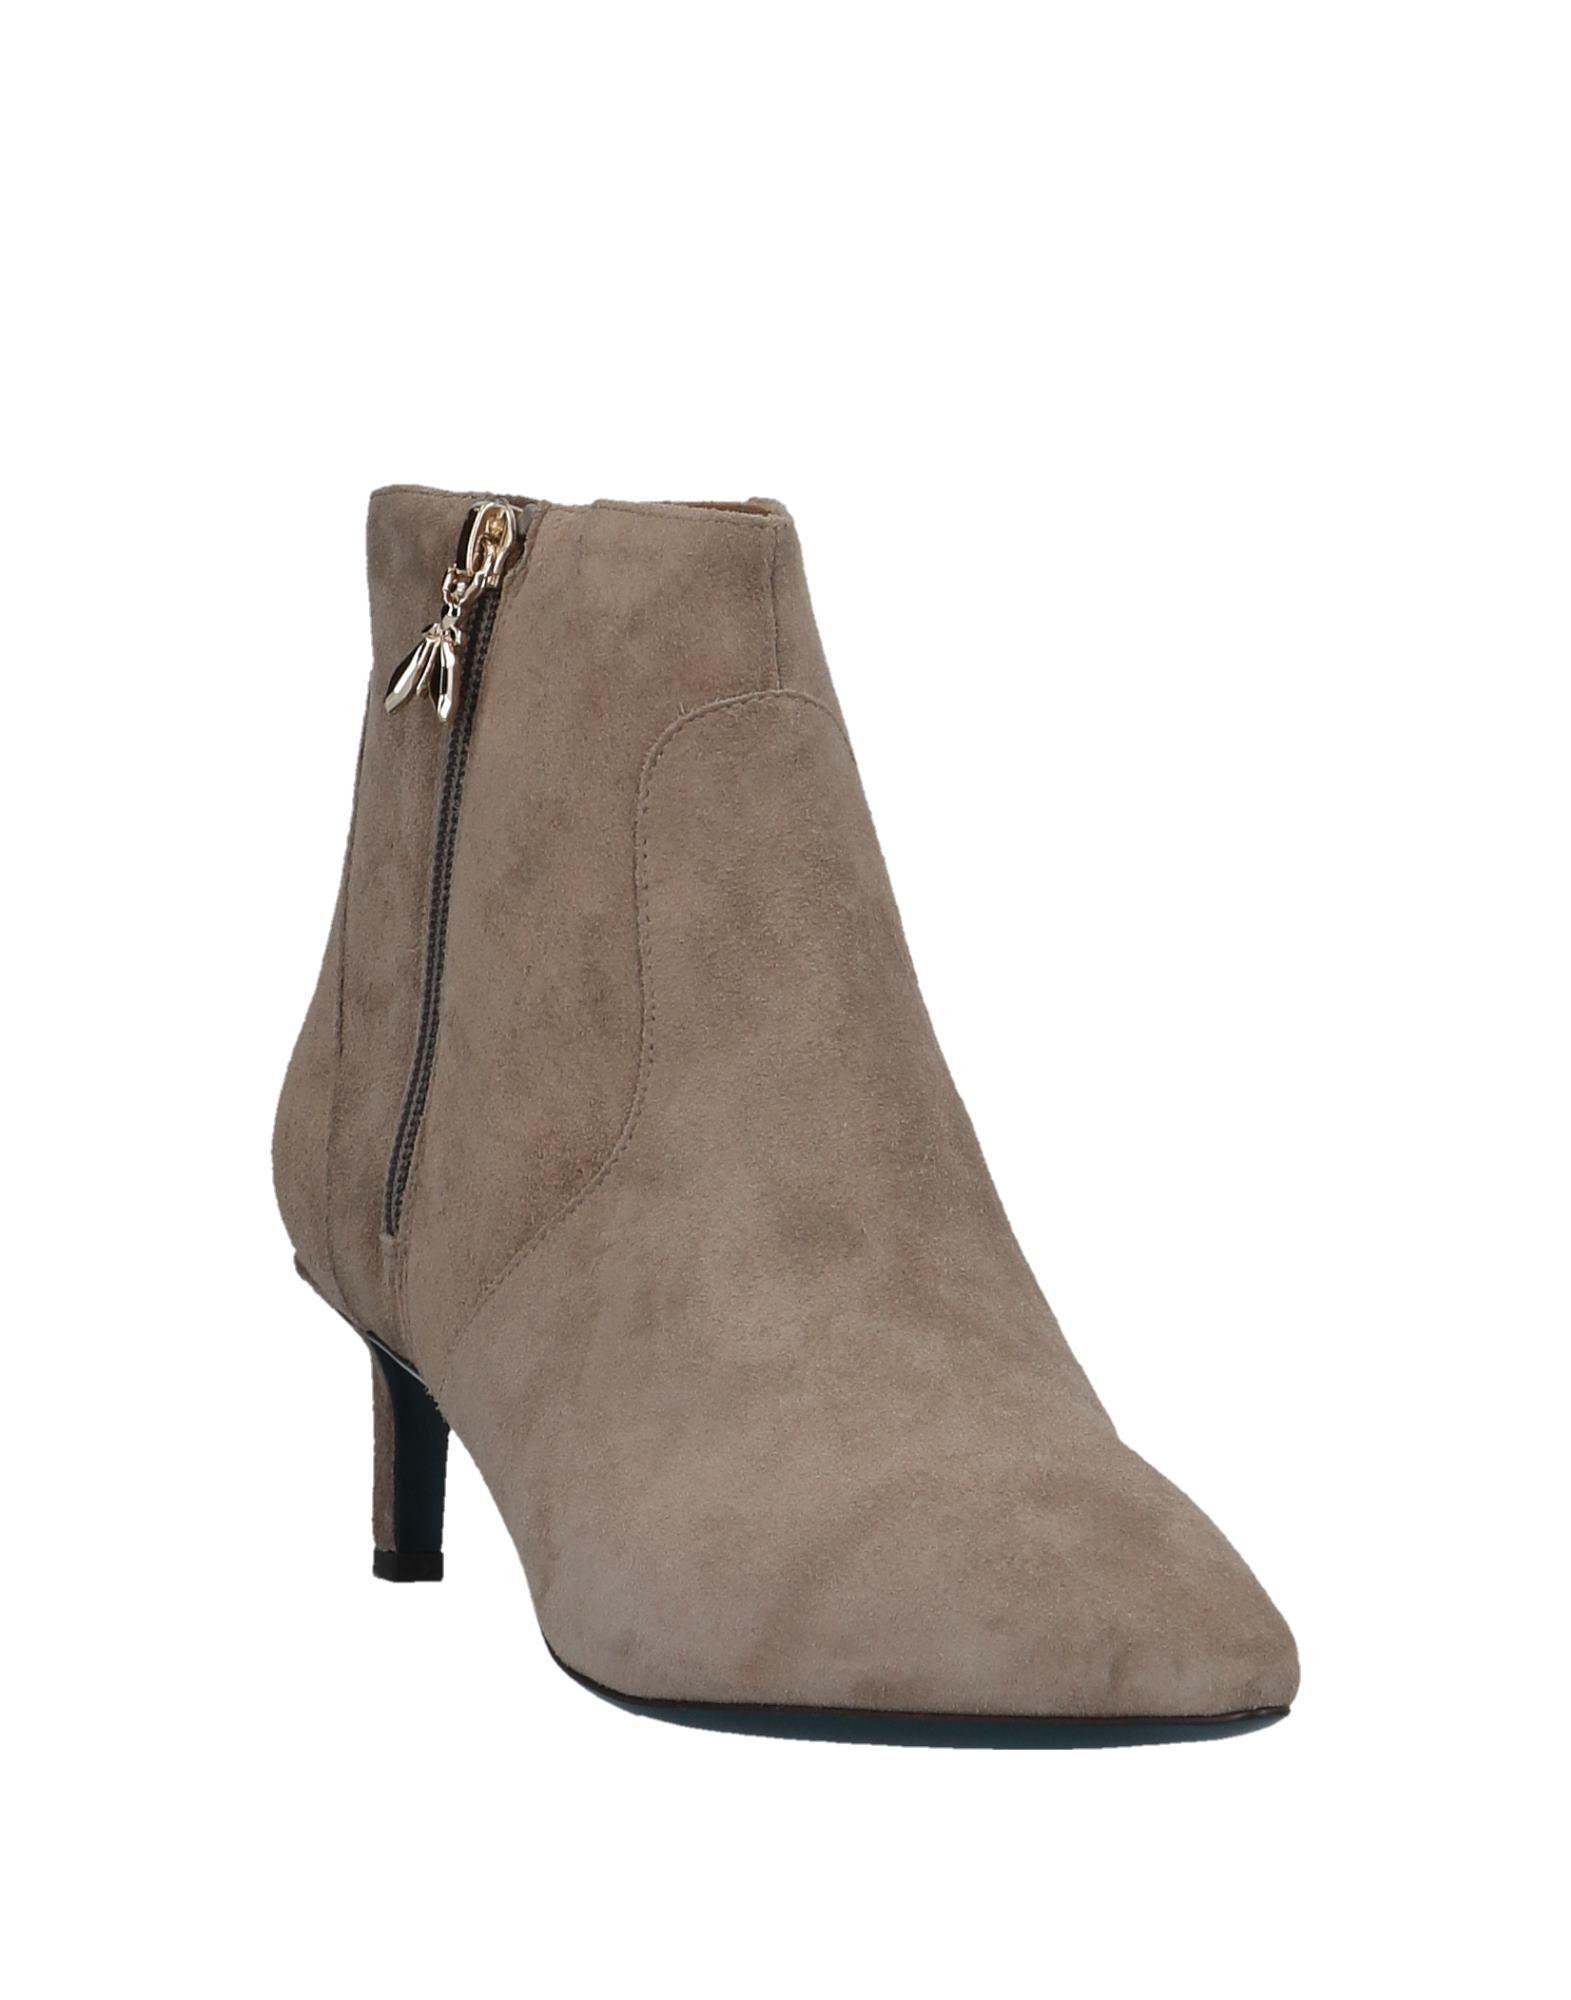 Stilvolle billige Schuhe Damen Patrizia Pepe Stiefelette Damen Schuhe  11531219NM 0bbb4a